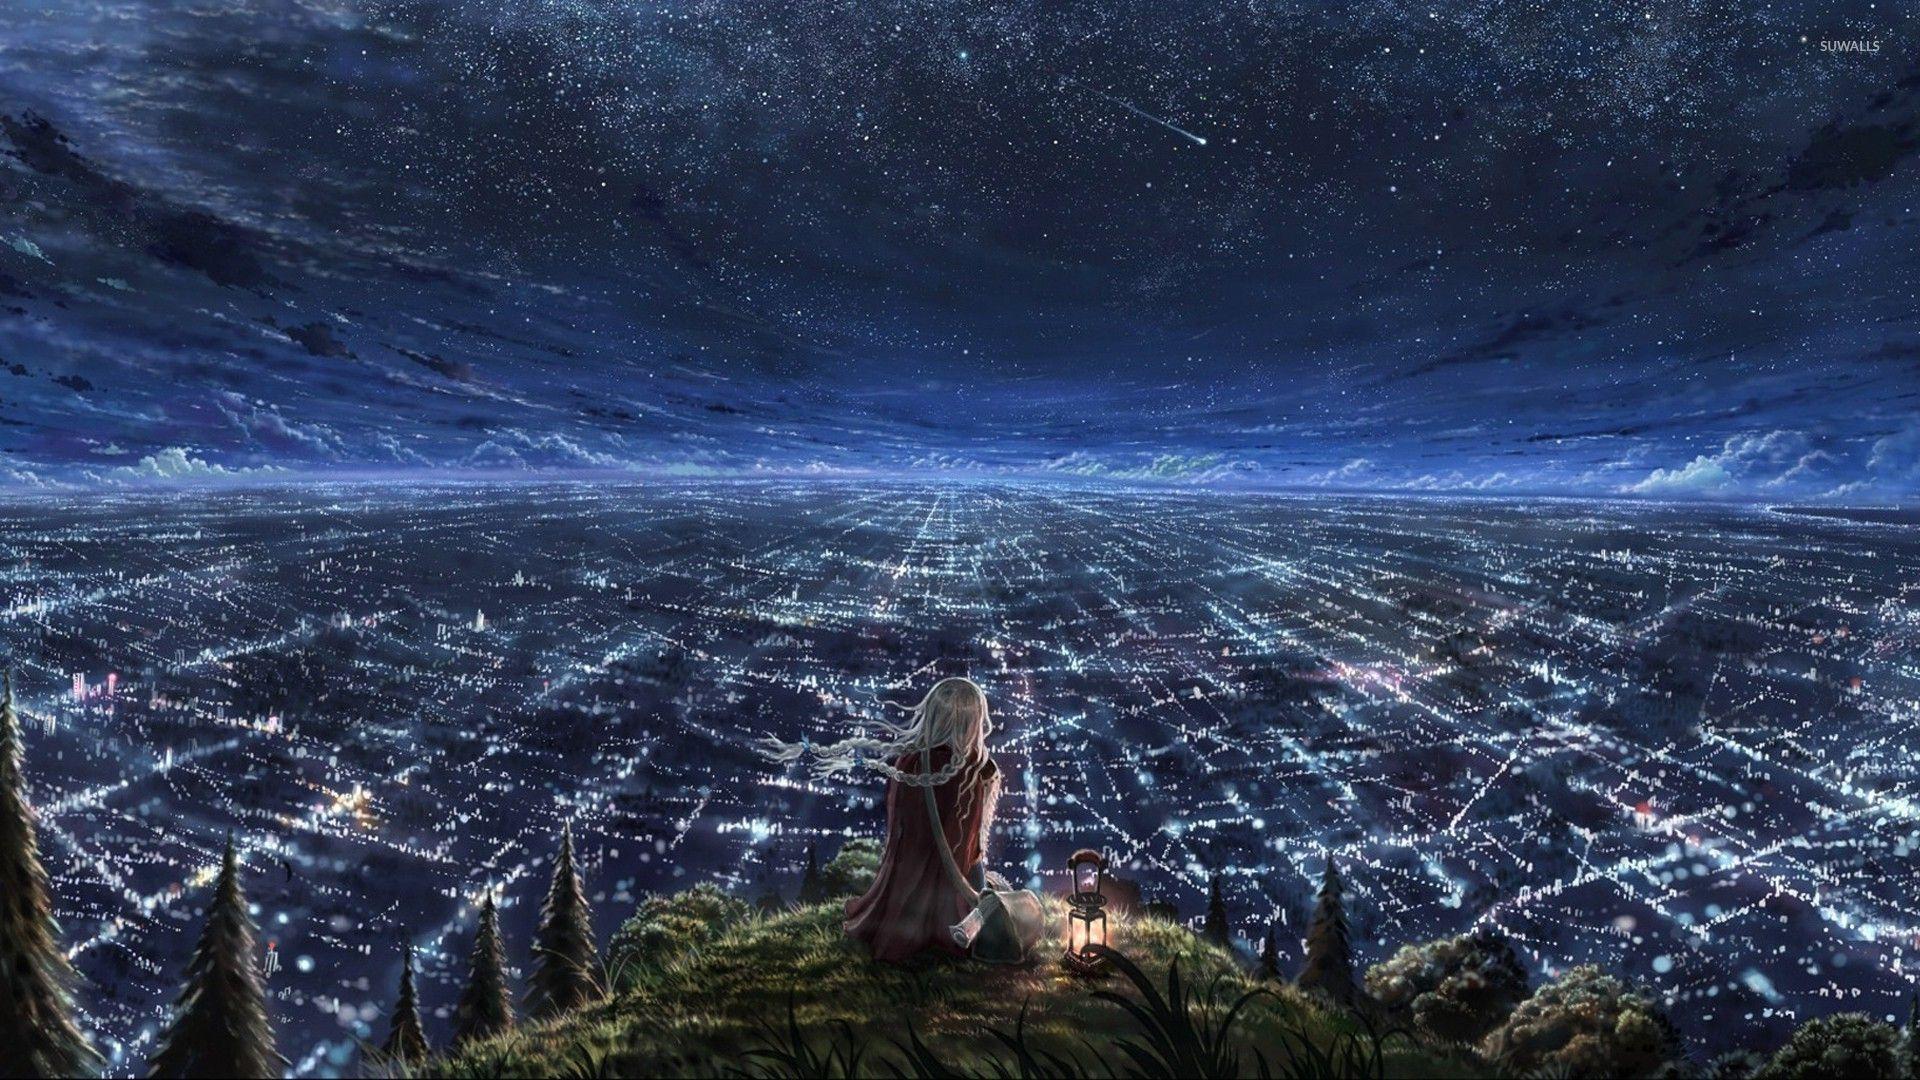 Overlooking The City Lights Wallpaper 1920x1080 Jpg